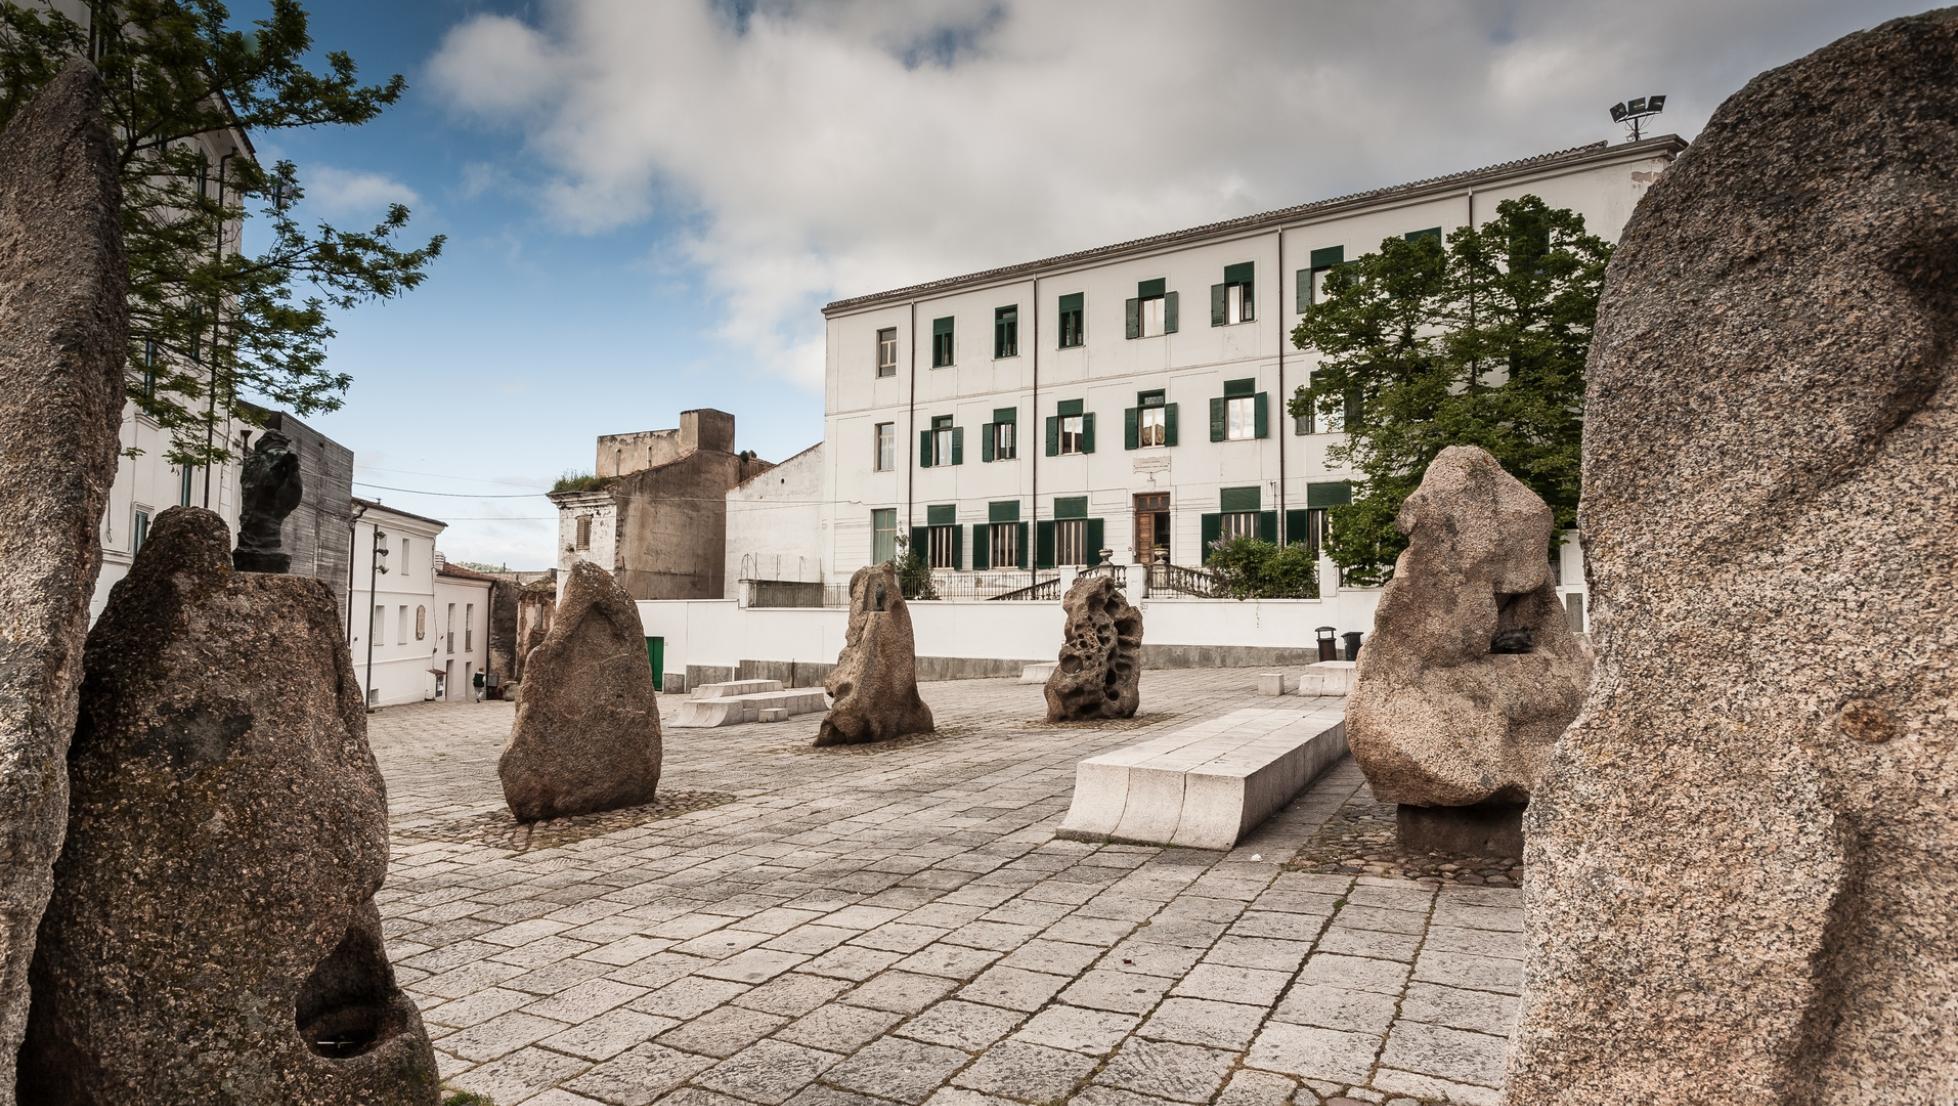 Piazza del poeta - Nuoro